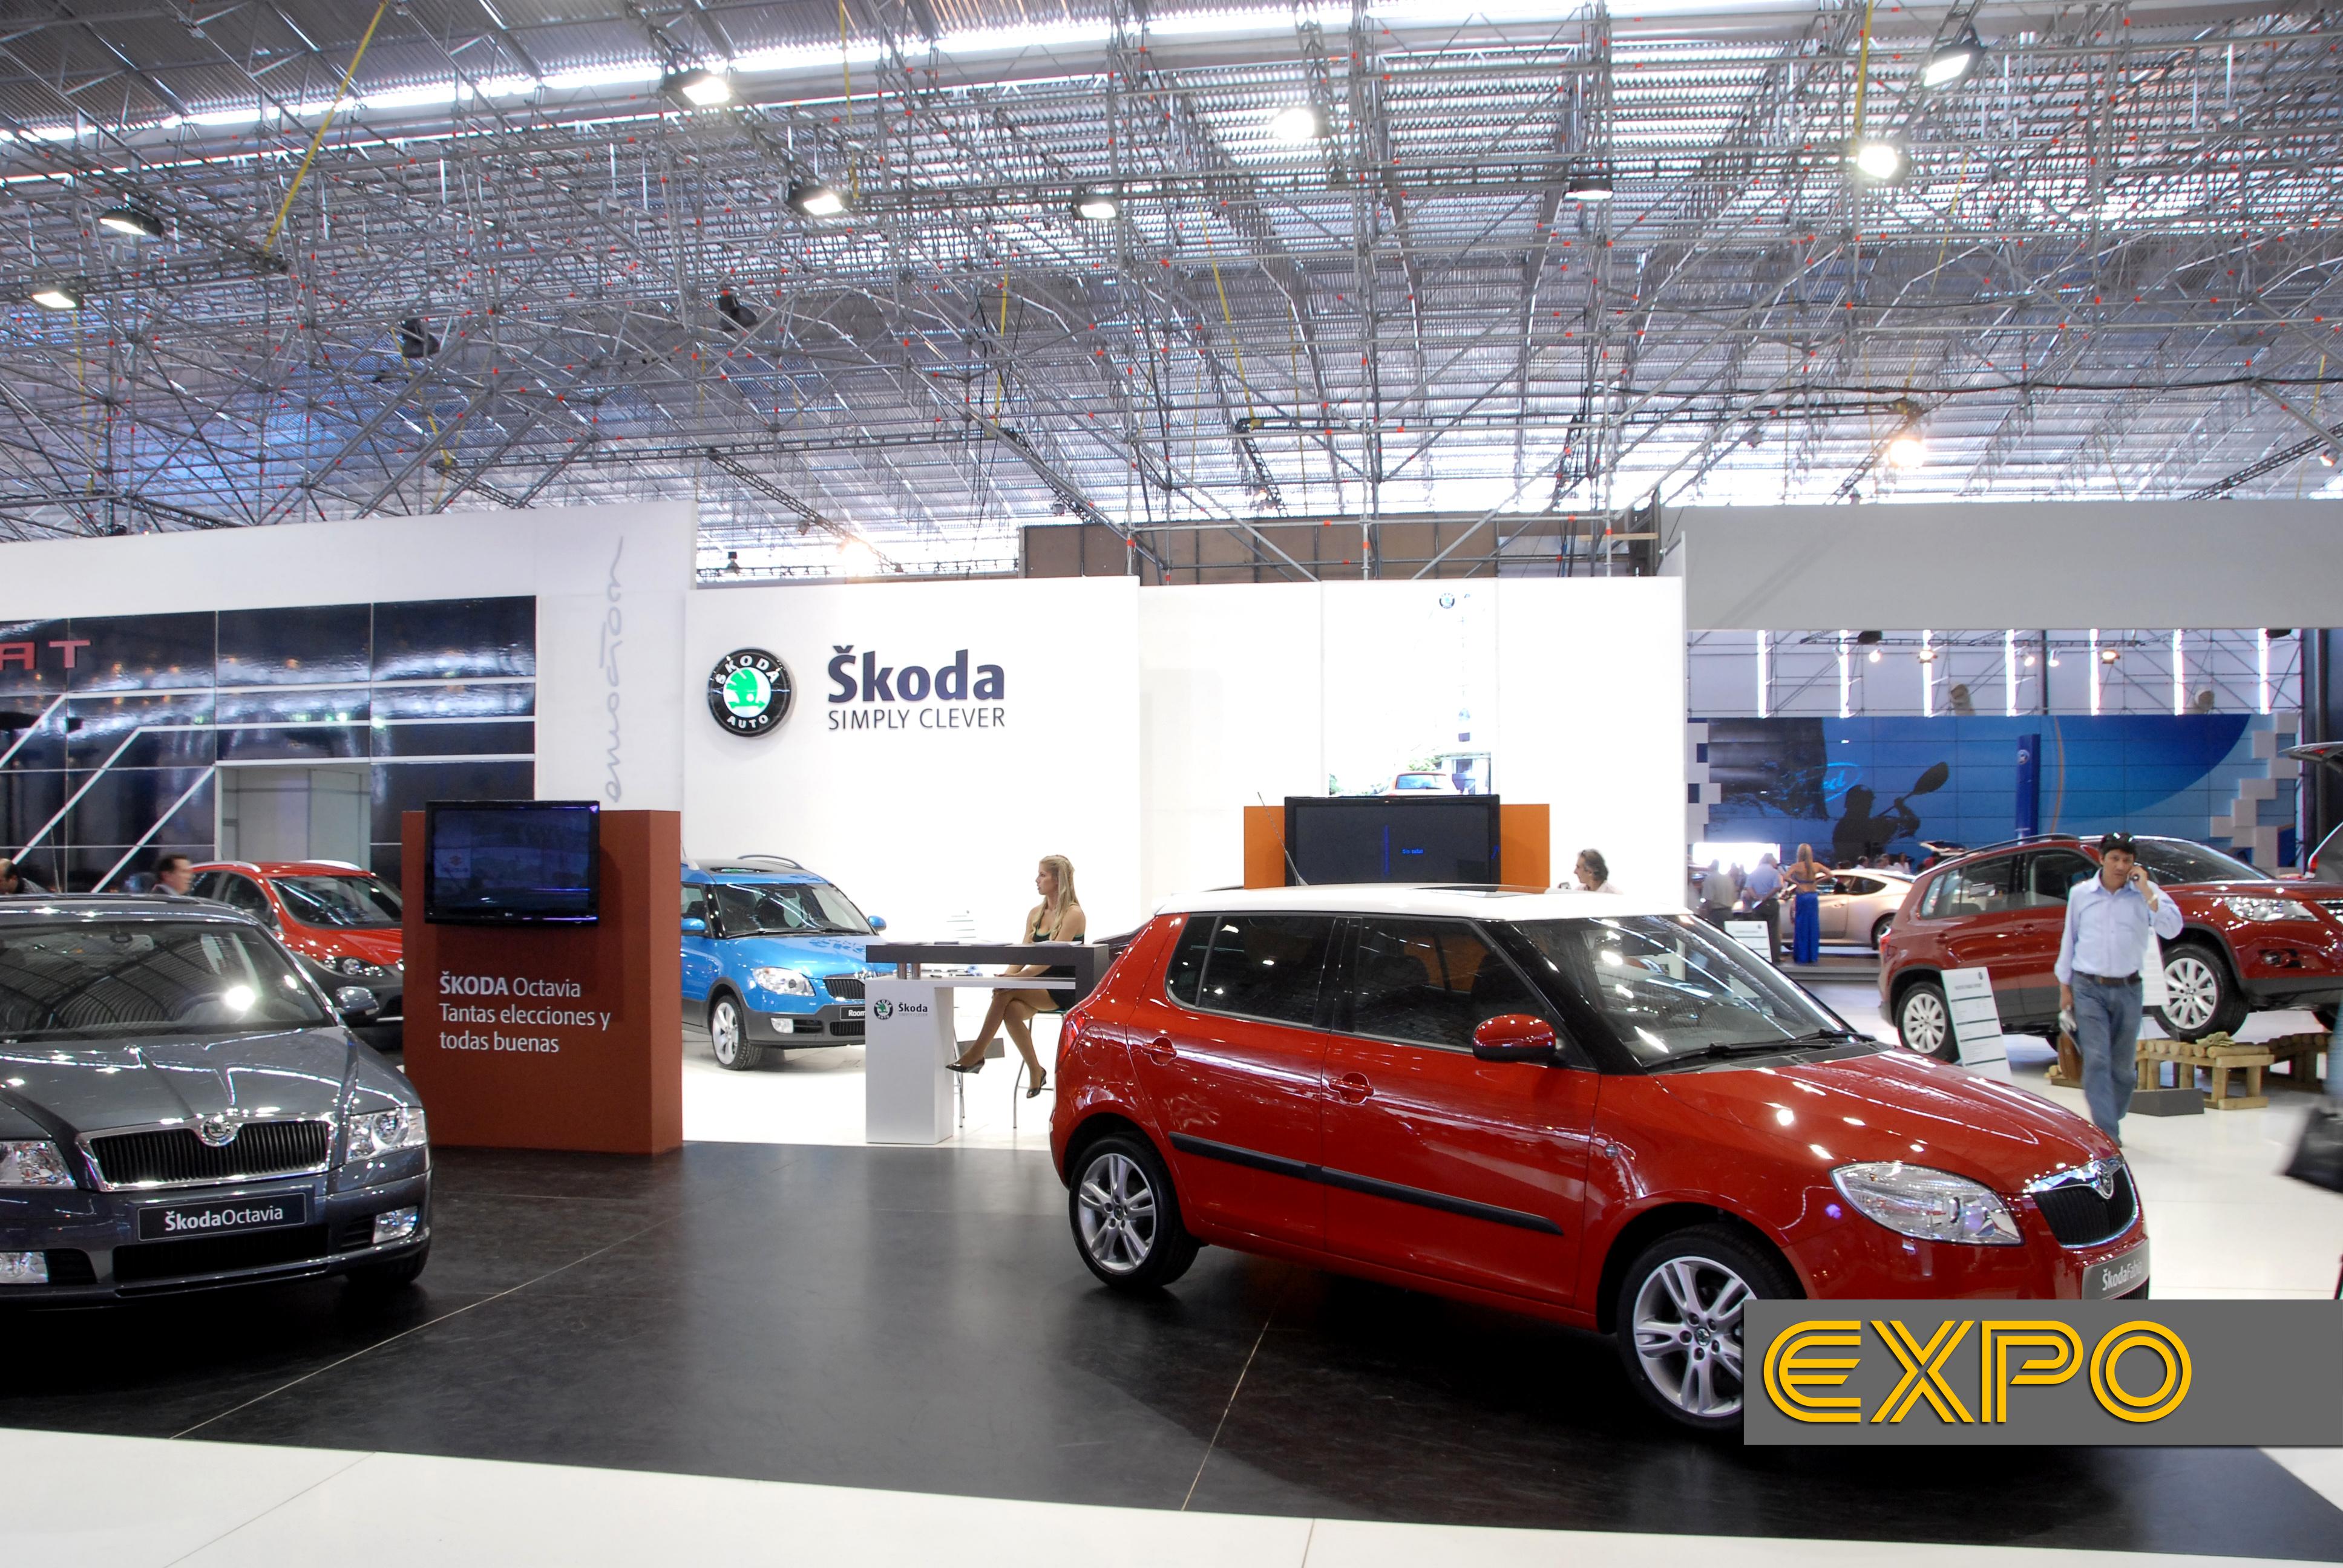 Skoda - Salón del Automóvil 2008